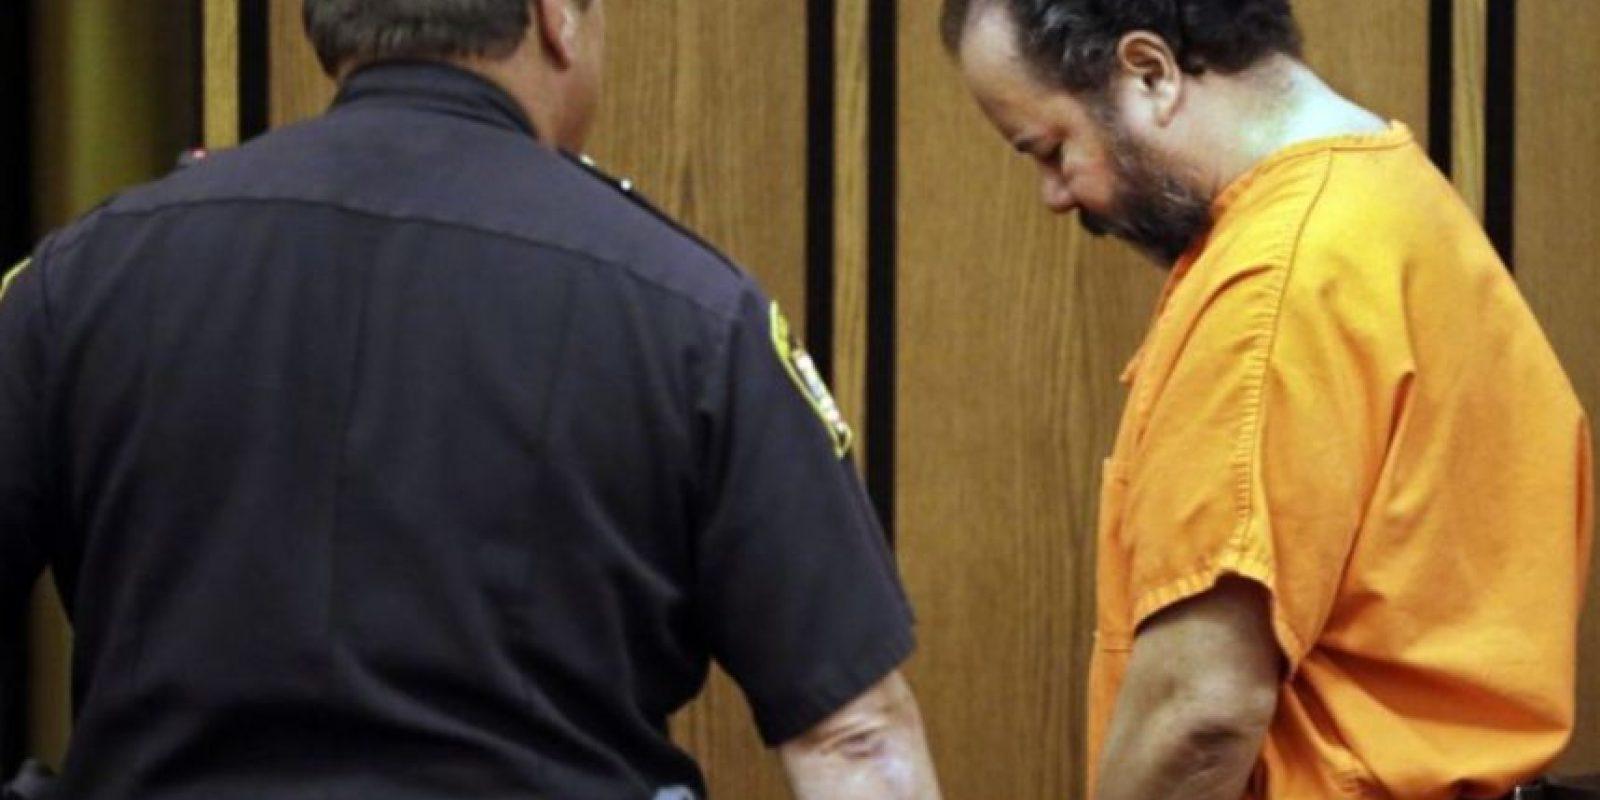 El año pasado se le halló colgado en su celda, con los pantalones abajo. Foto:Getty Images